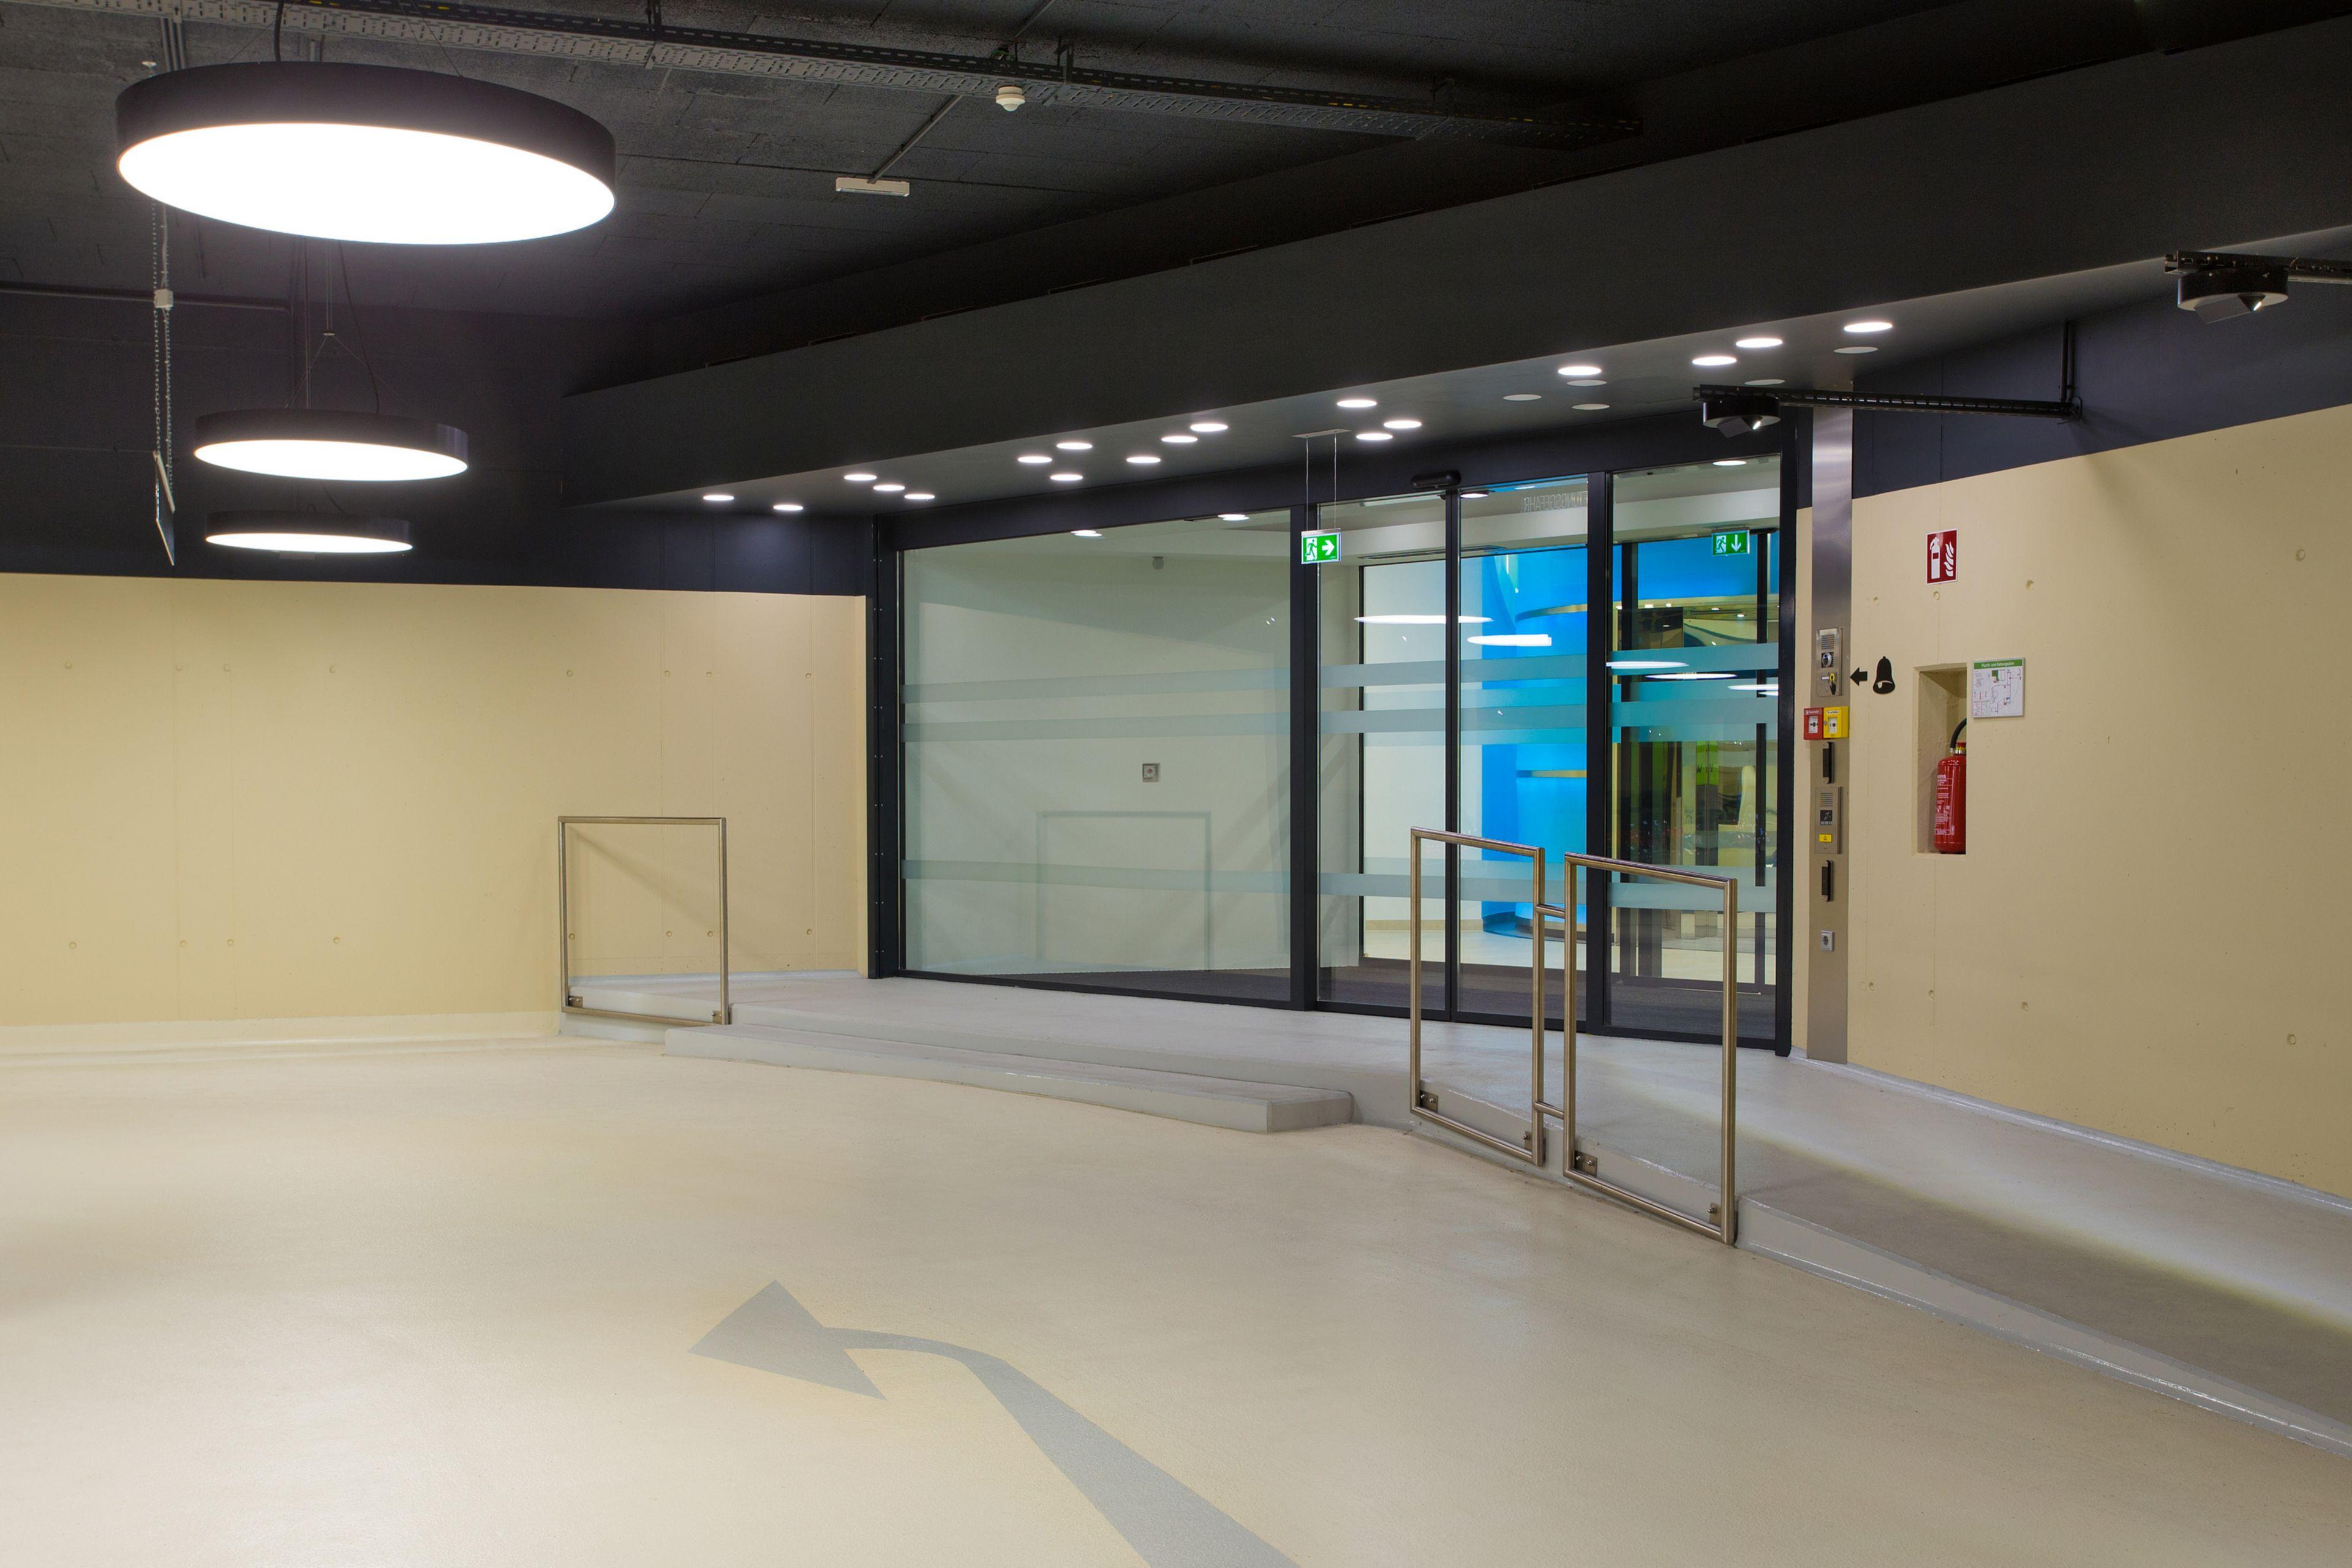 Fahrbereich, Rampe und direkter Zugang zum Multifunktionszentrum